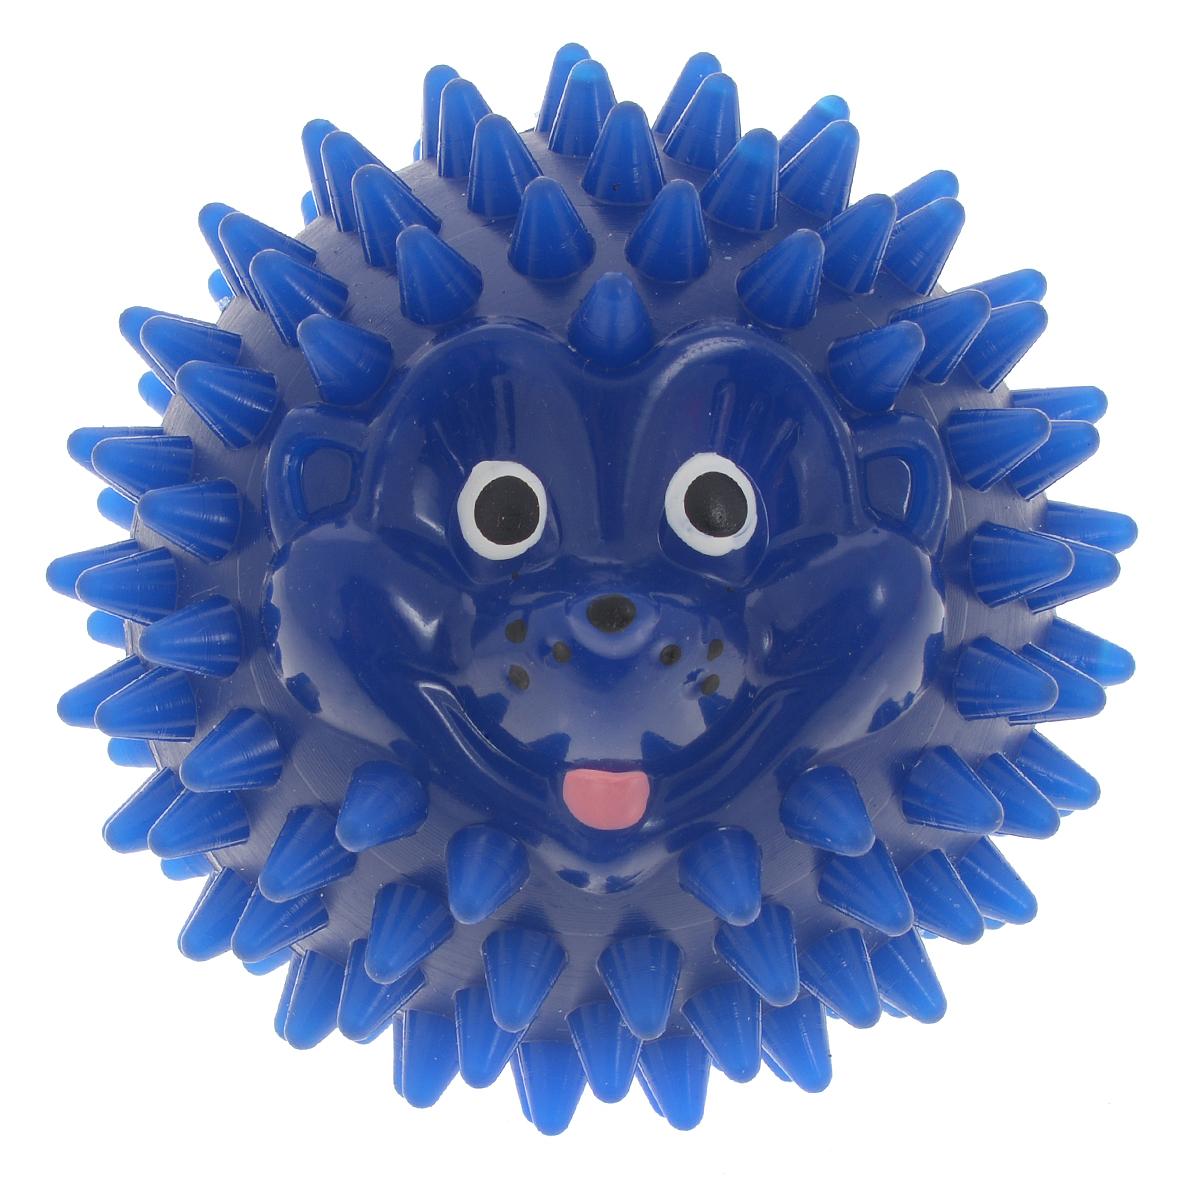 Массажер Дельтатерм Шарик-Ежик, цвет: синий, диаметр 65 ммFMS-230H-EUС помощью массажного мяча Дельтатерм Шарик-Ежик можно самостоятельно проводить мягкий массаж ладоней, стоп и всего тела. Такой массаж способствует повышению кожно-мышечного тонуса, уменьшению венозного застоя и ускорению капиллярного кровотока, улучшению функционирования периферической и центральной нервных систем. Массажер выполнен из гибкого пластика с шипами на поверхности и стилизован под веселого ежика. Идеально подходит для проведения массажа у маленьких детей. Развивает мышление, координацию движений и совершенствует моторику нежных пальчиков малыша и является интересной веселой игрушкой.